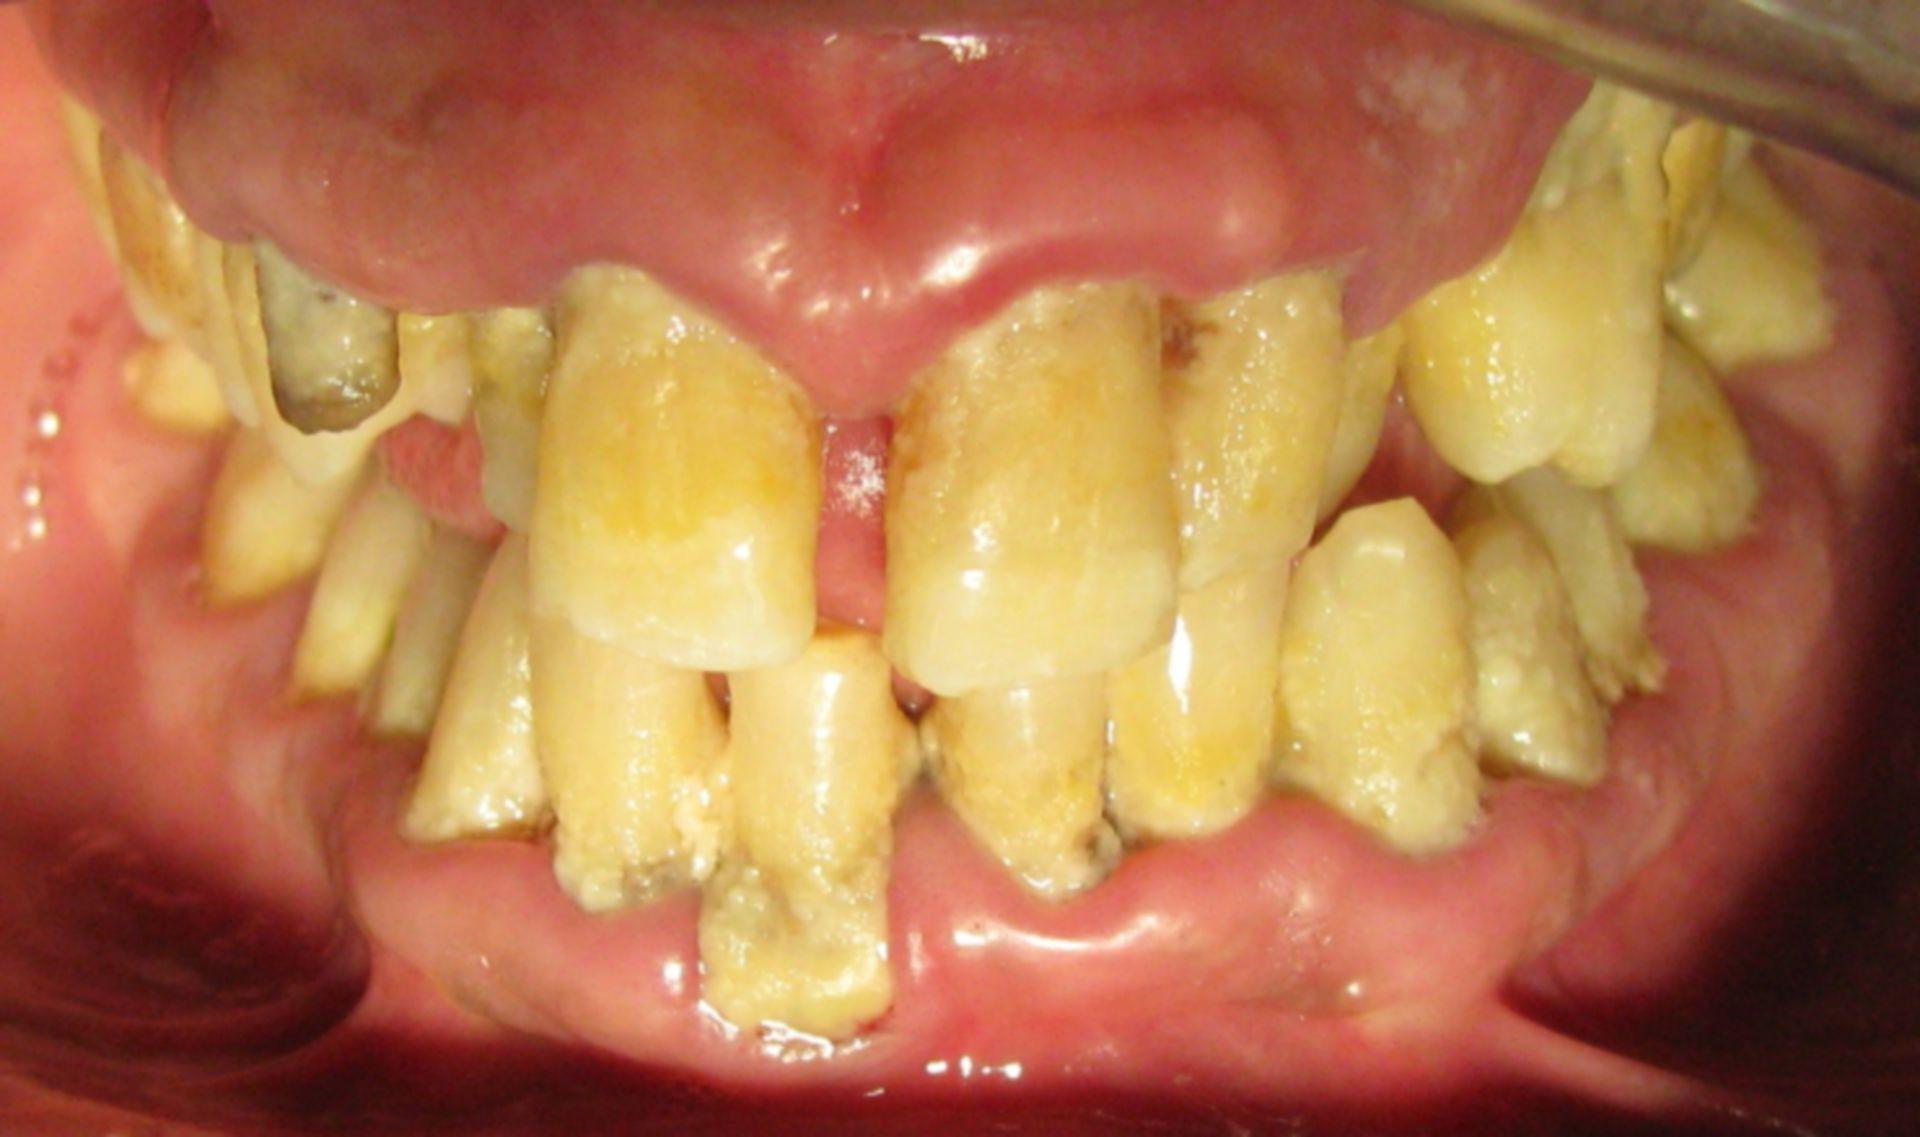 Moderne Plage: Mundhygiene 2013